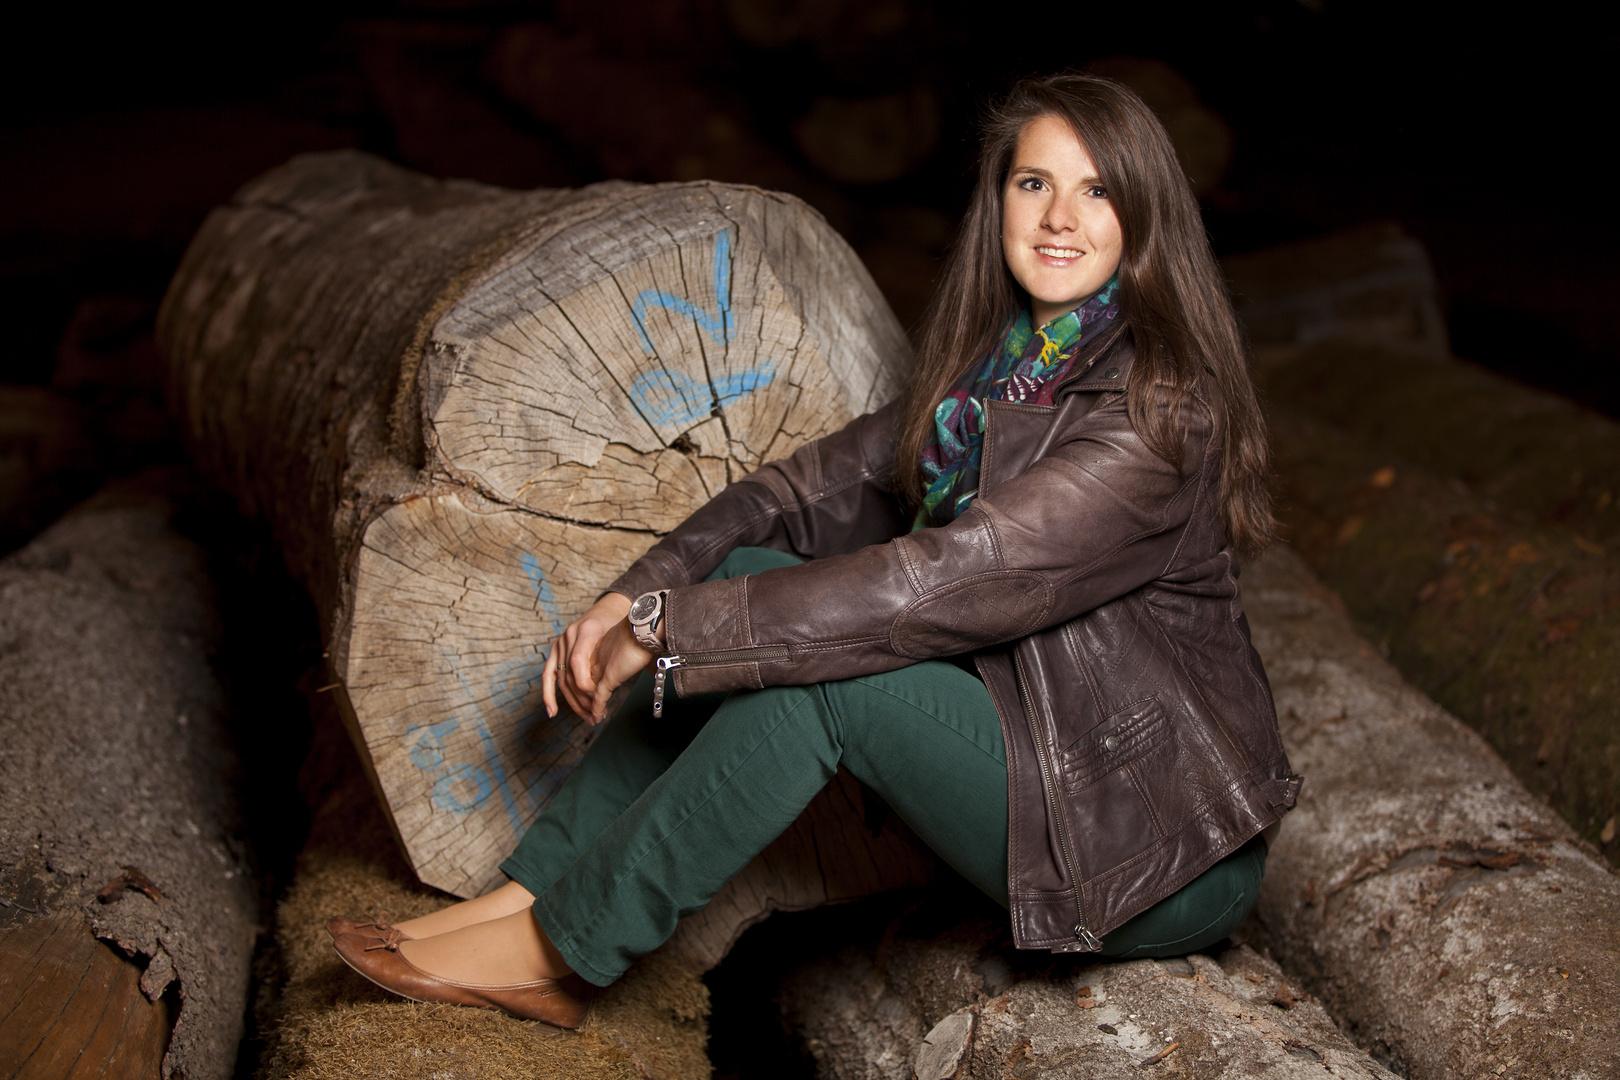 Marina auf den Baumstämmen 2